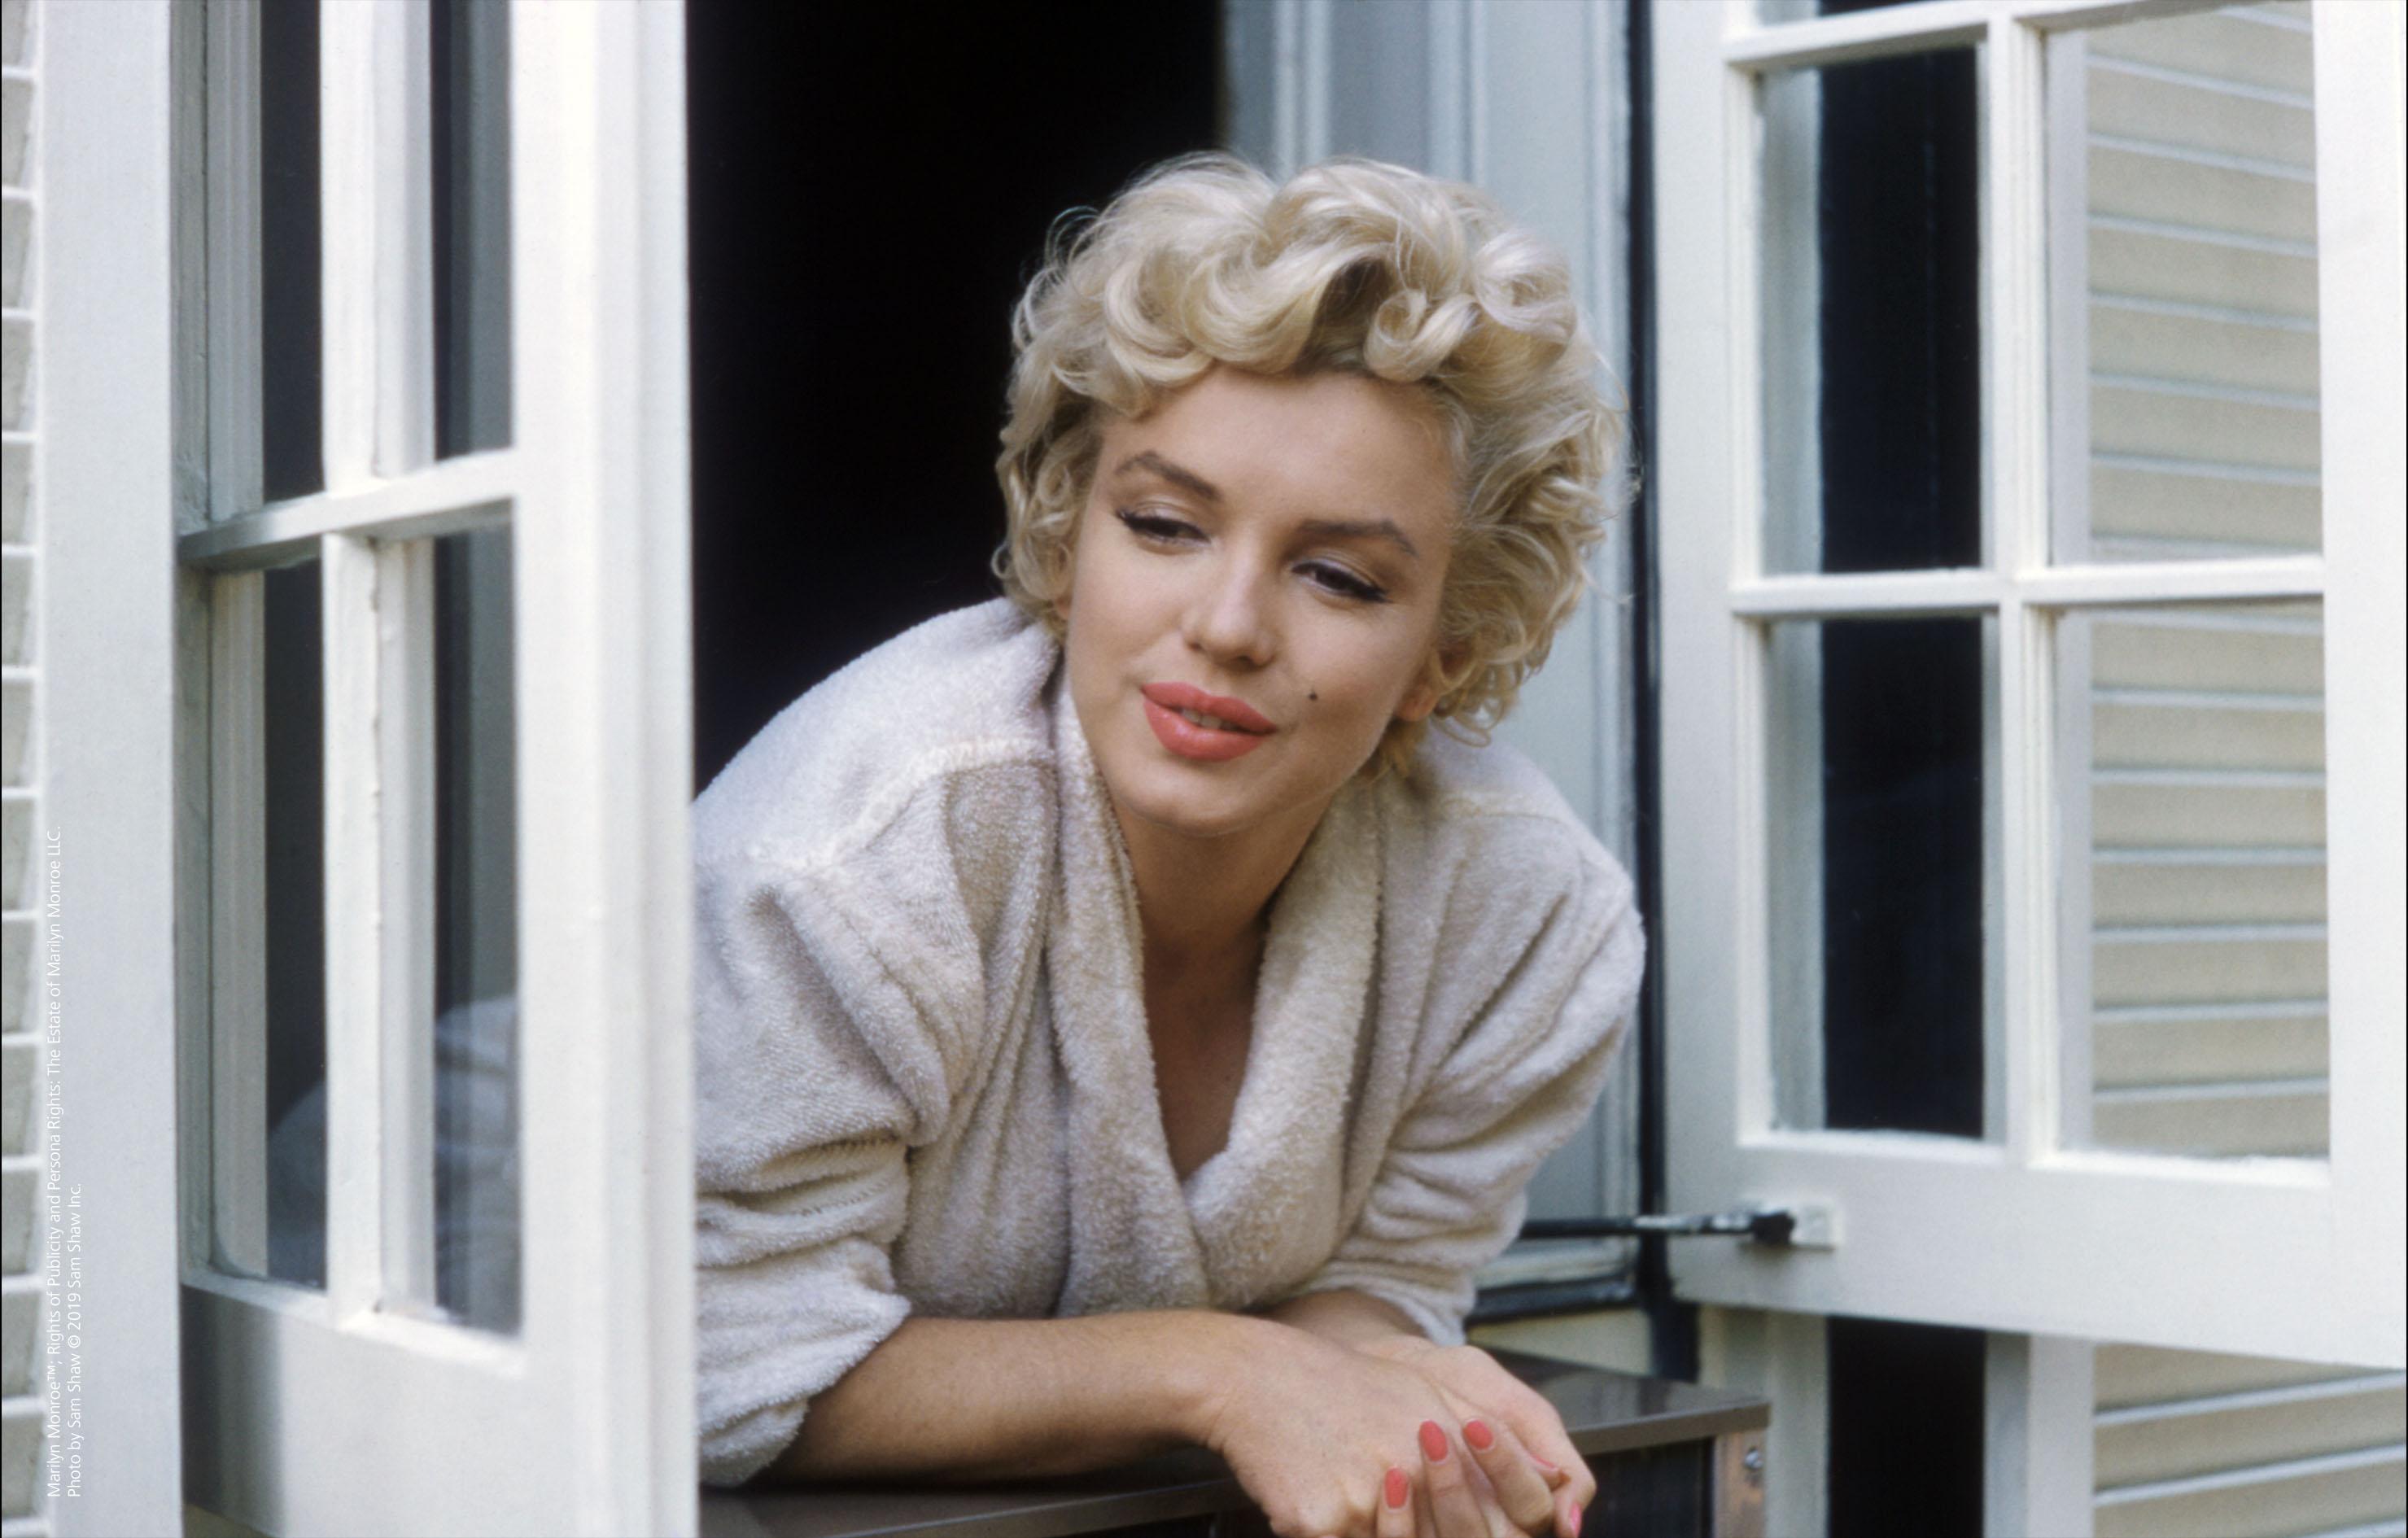 宝珀女装腕表「独立,浪漫与智慧」专题——玛丽莲·梦露:独立,做精彩自我